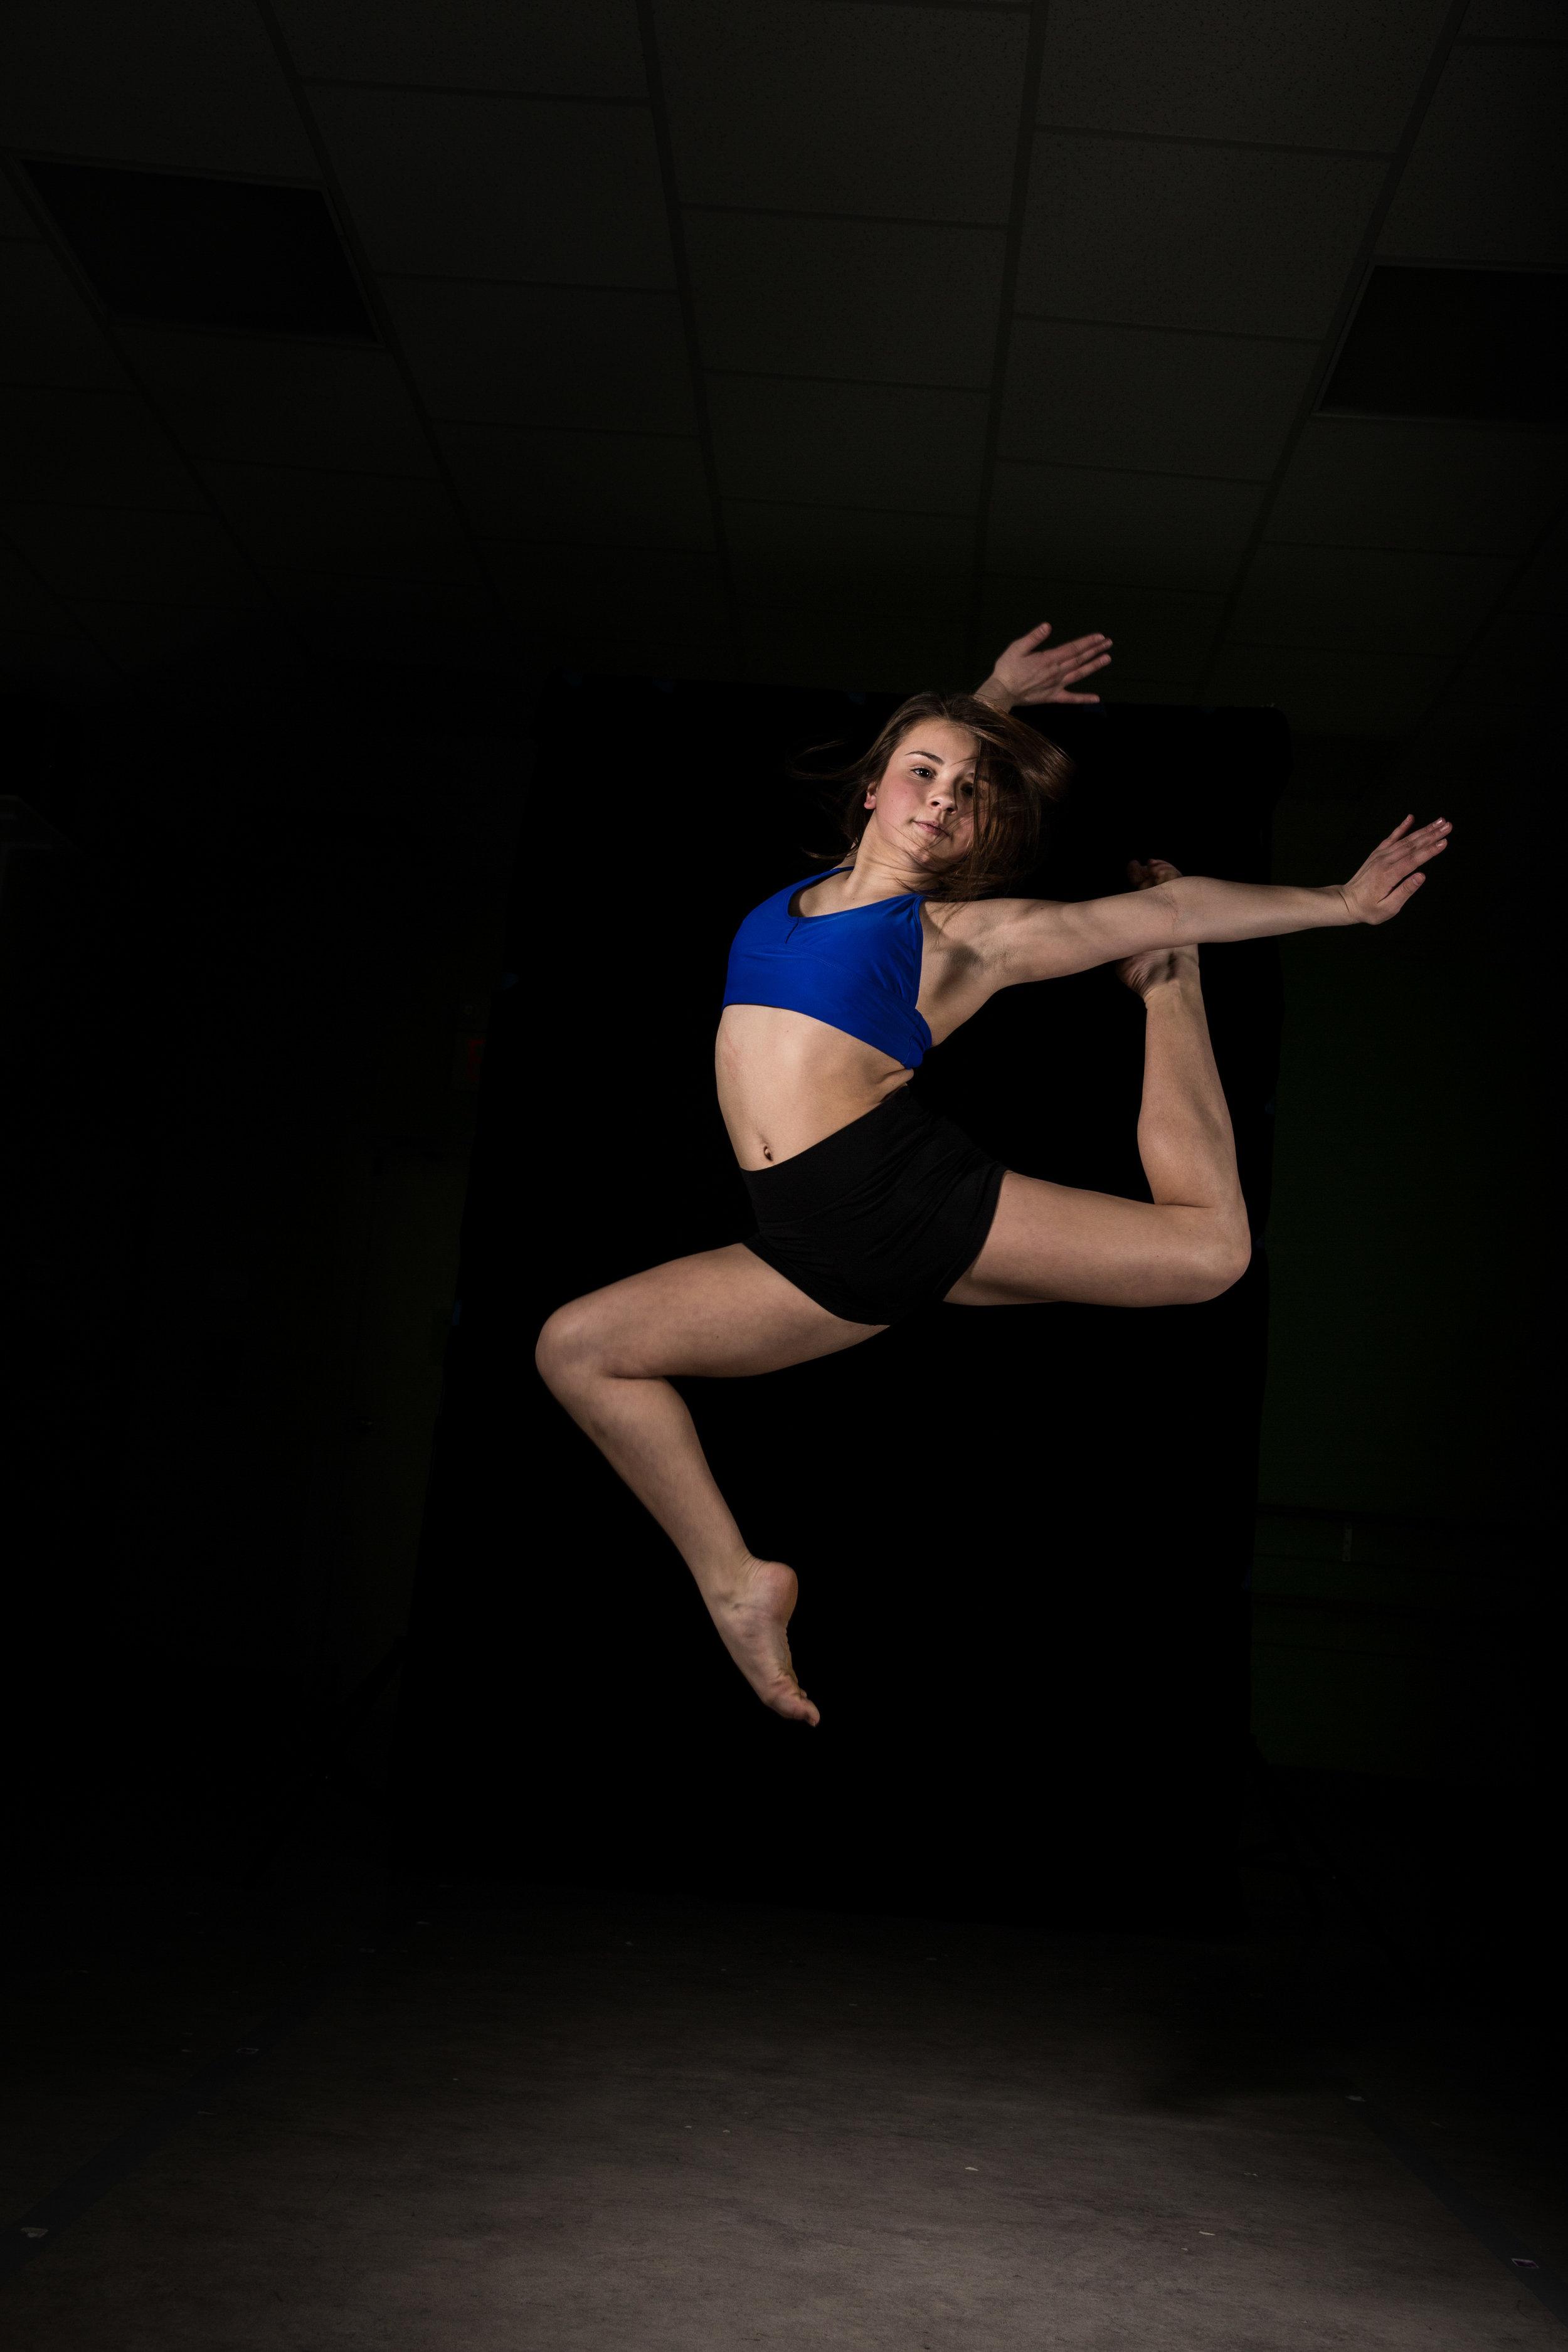 LR_Express_Dancer_Series-22.jpg